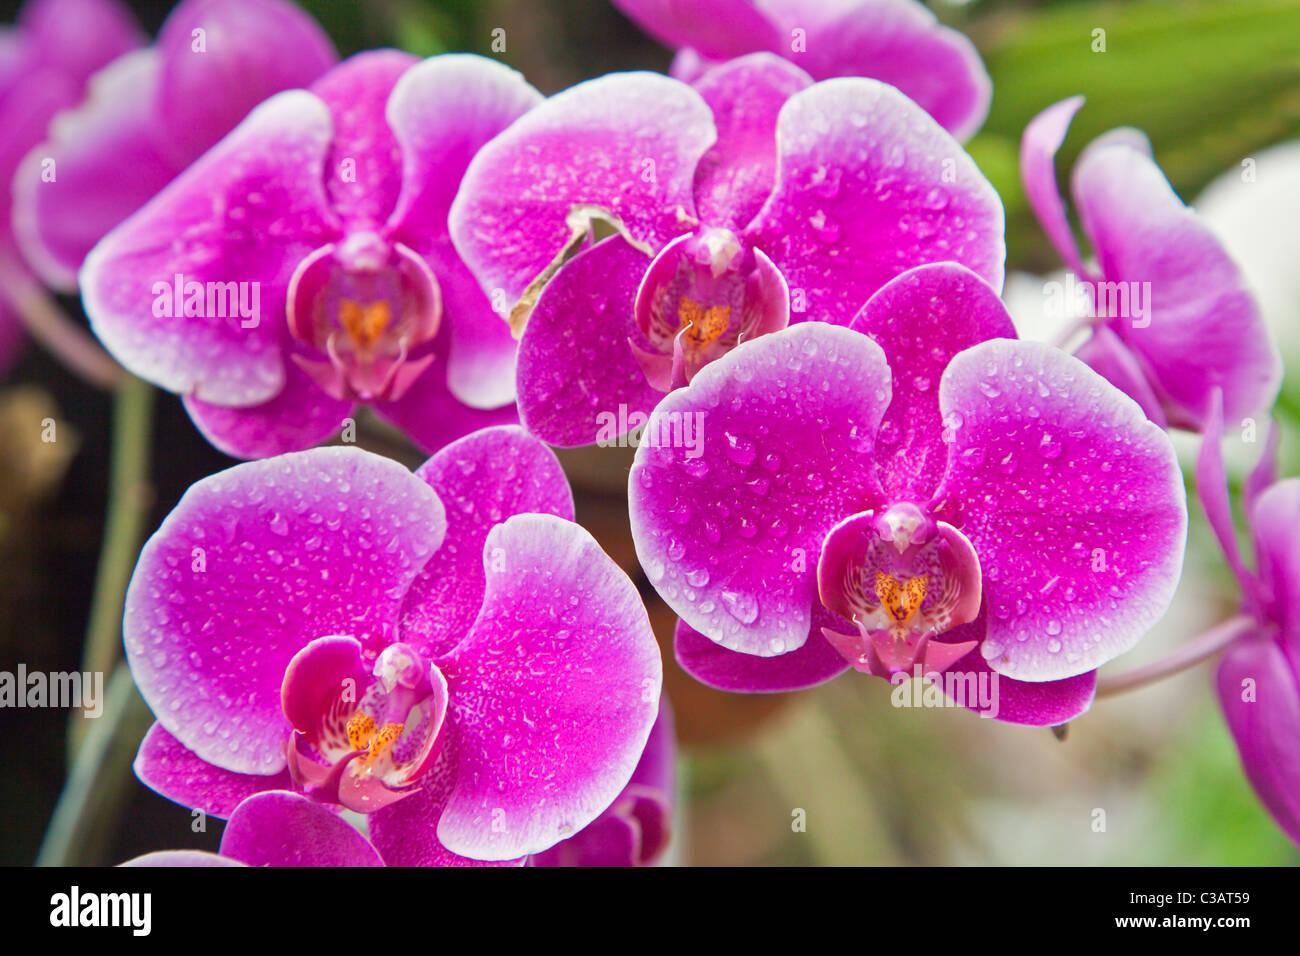 LILA PHALAENOPSIS-Orchideen blühen im Gewächshaus bei den Botanischen Garten UBUD - BALI, Indonesien Stockbild